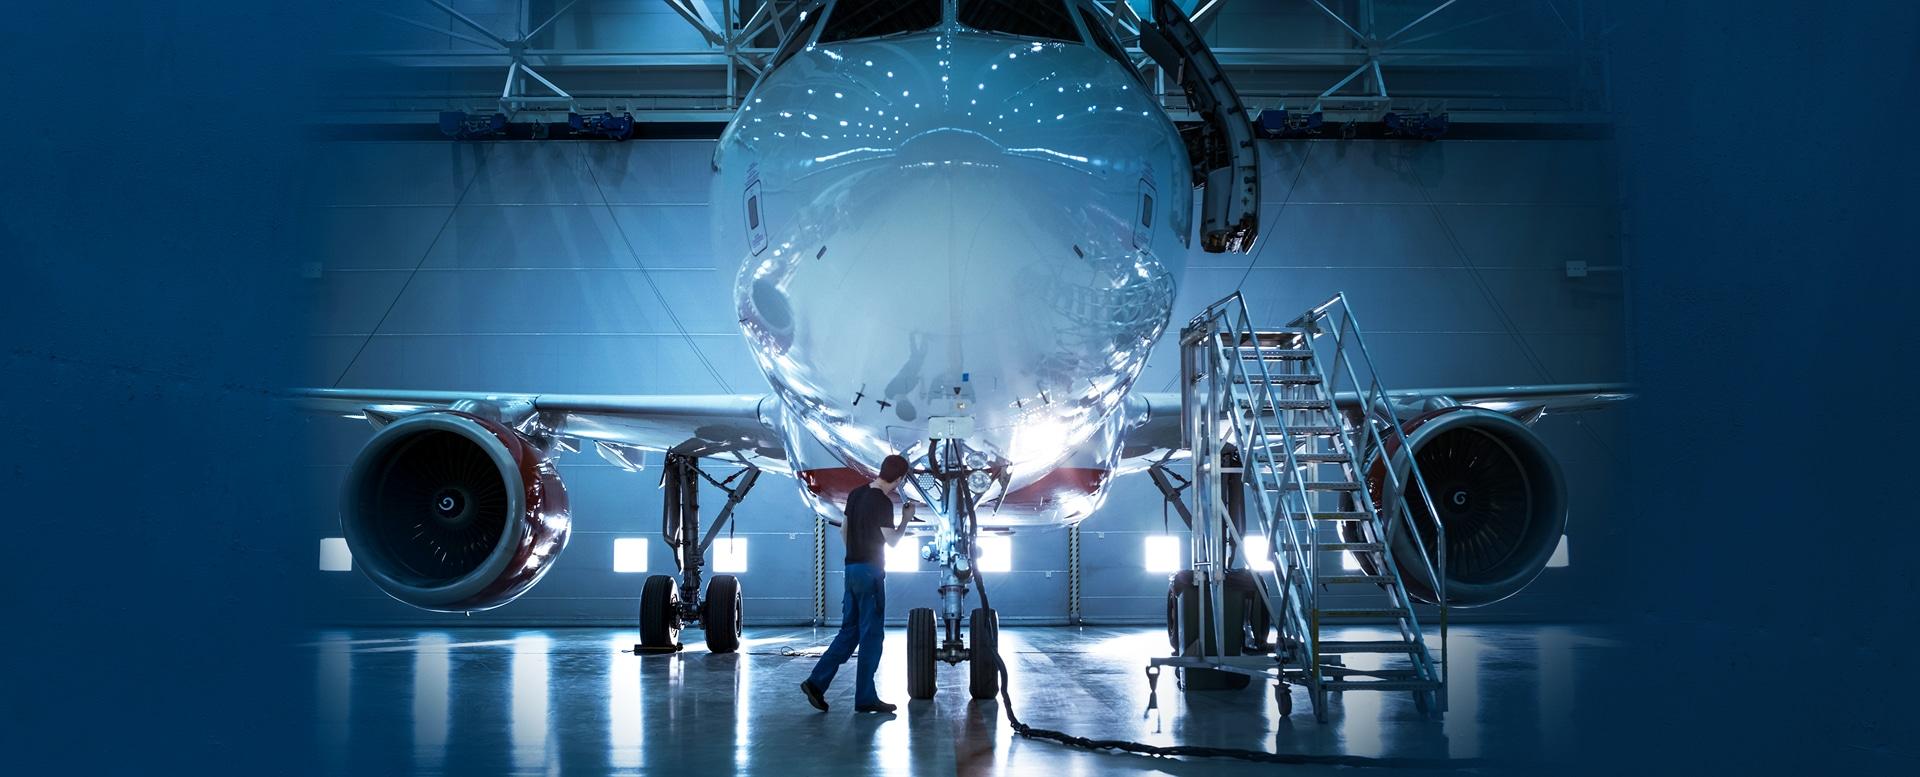 AeroAVotrePortee siteWeb FCSAE 2